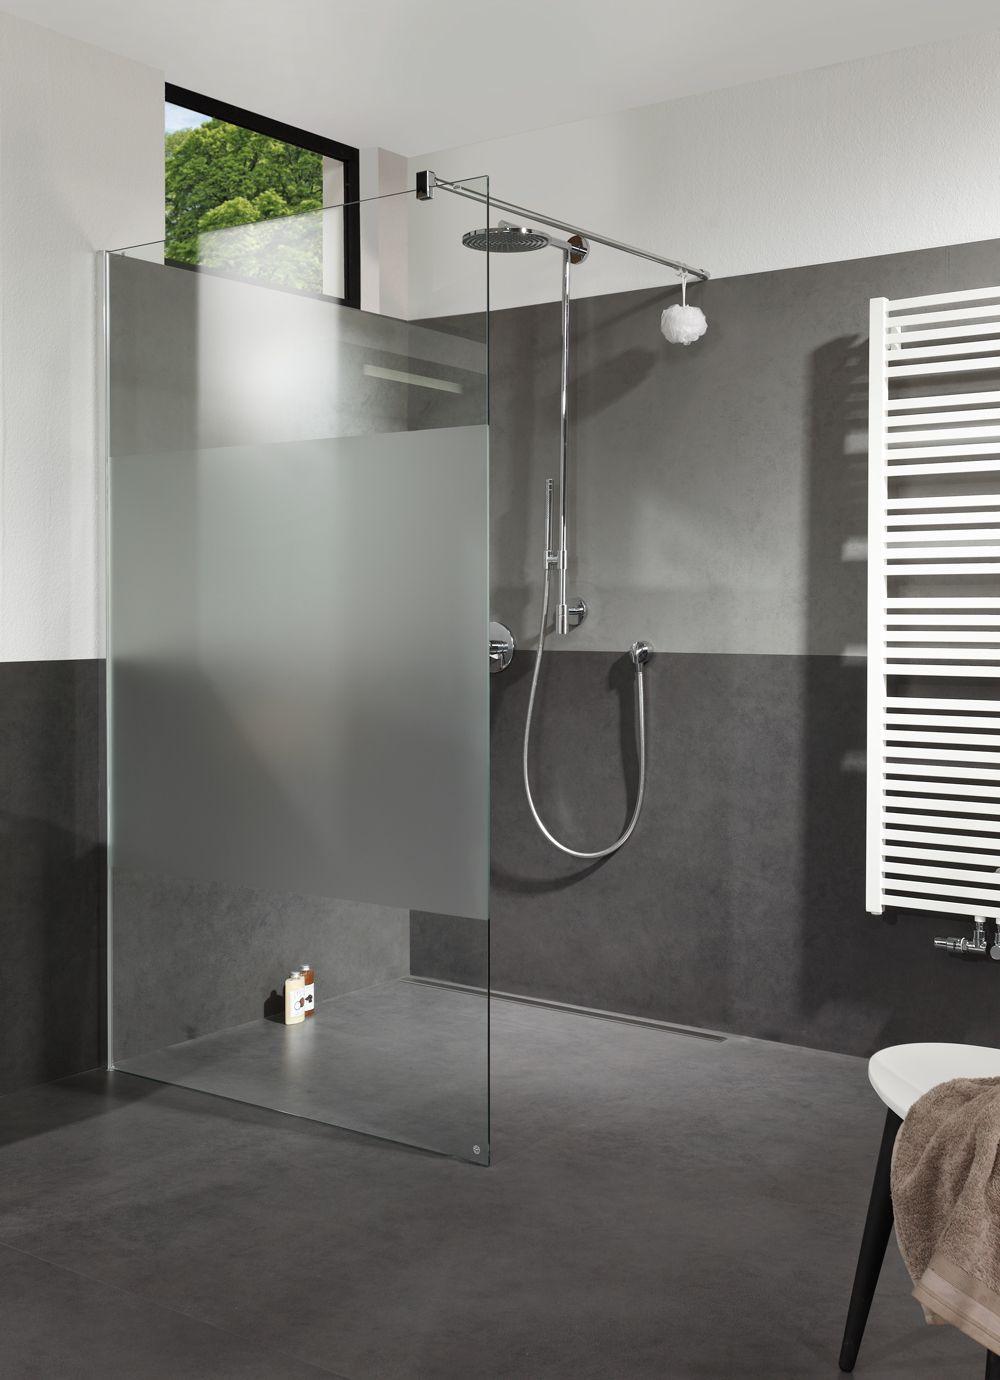 Badezimmer Fliesen 2 Farbig